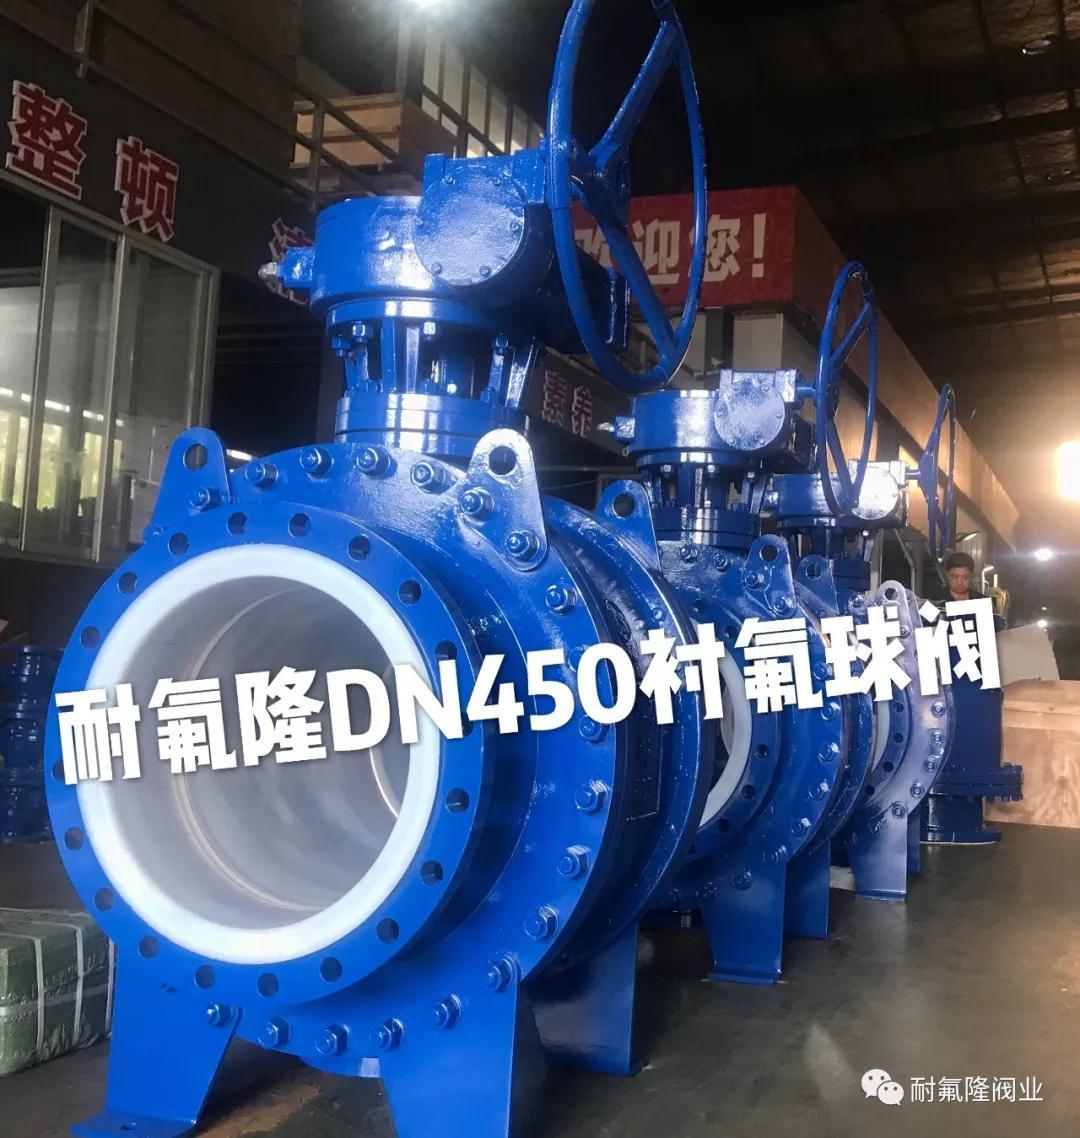 耐氟隆阀业:高端大口径DN450衬氟球阀